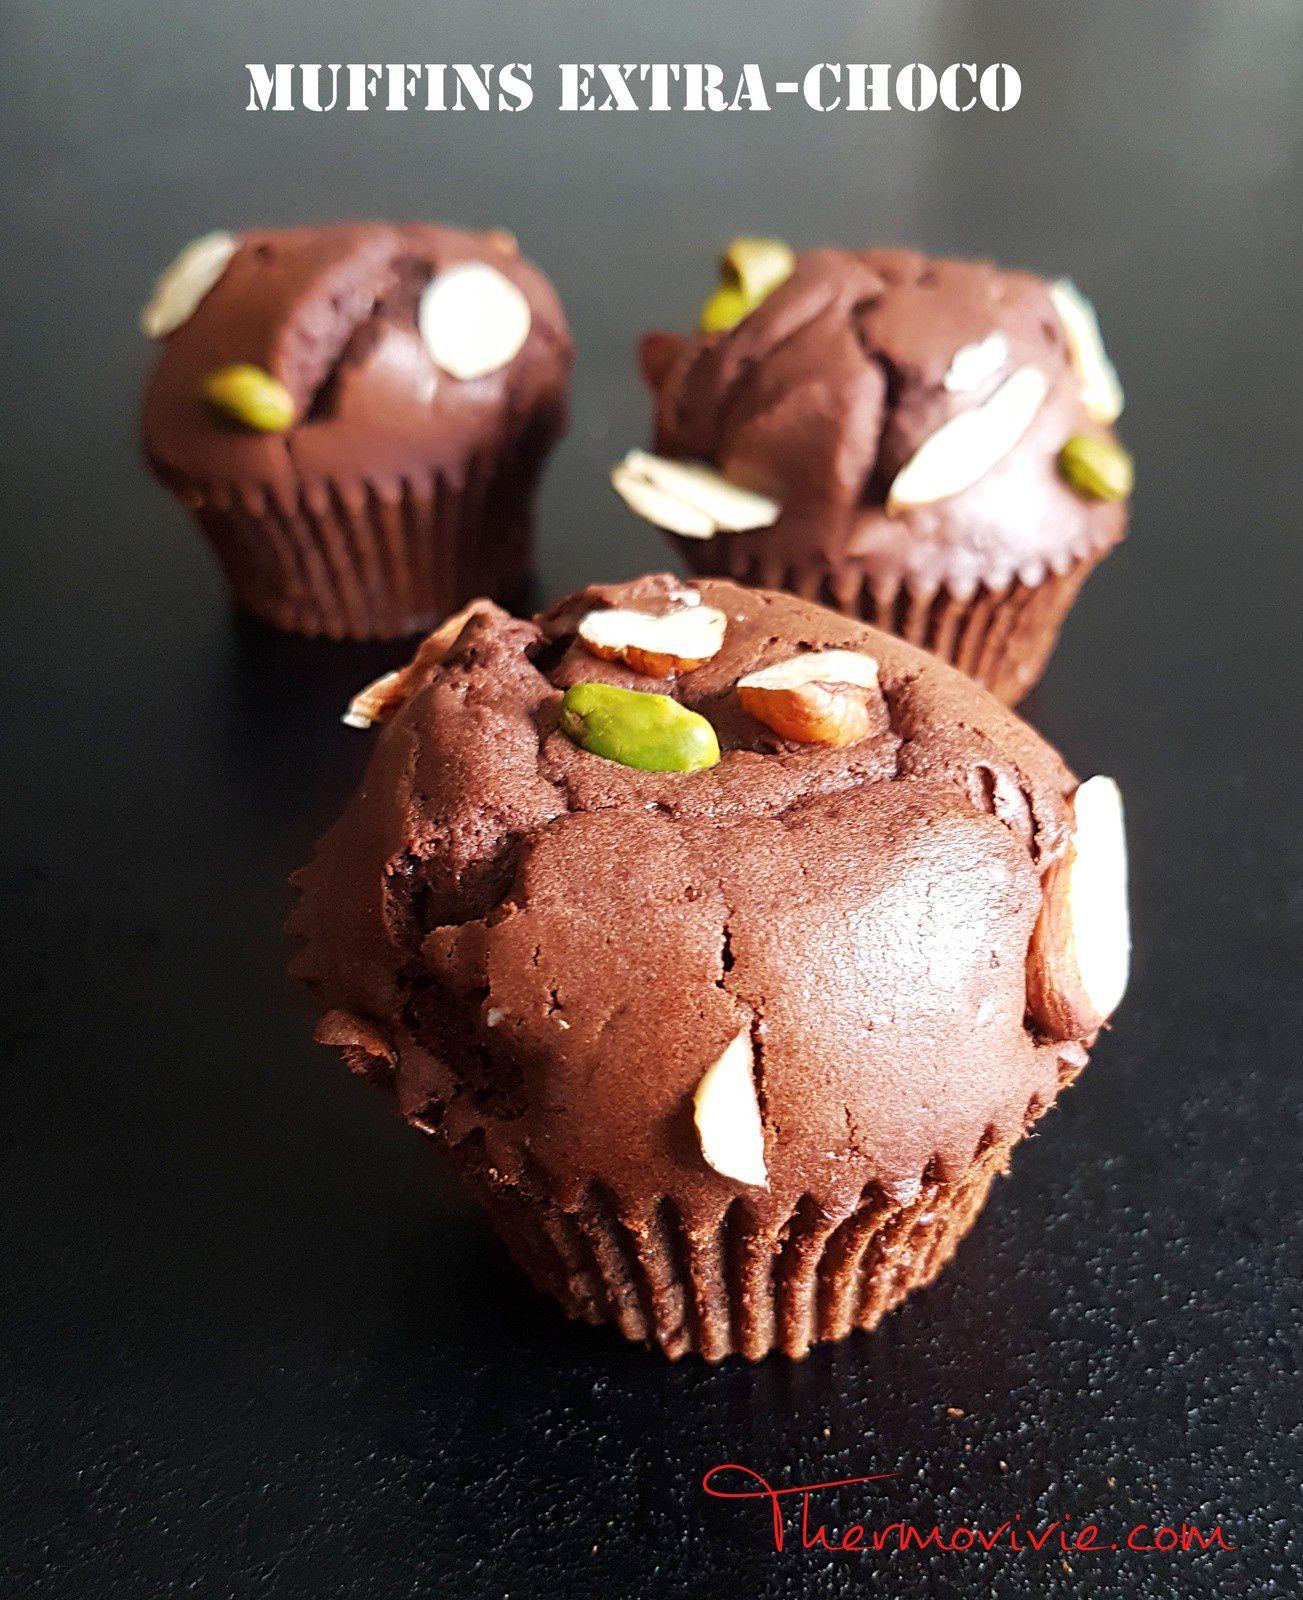 Muffins extra-choco, recette au Kitchenaid ou tout autre robot pâtissier